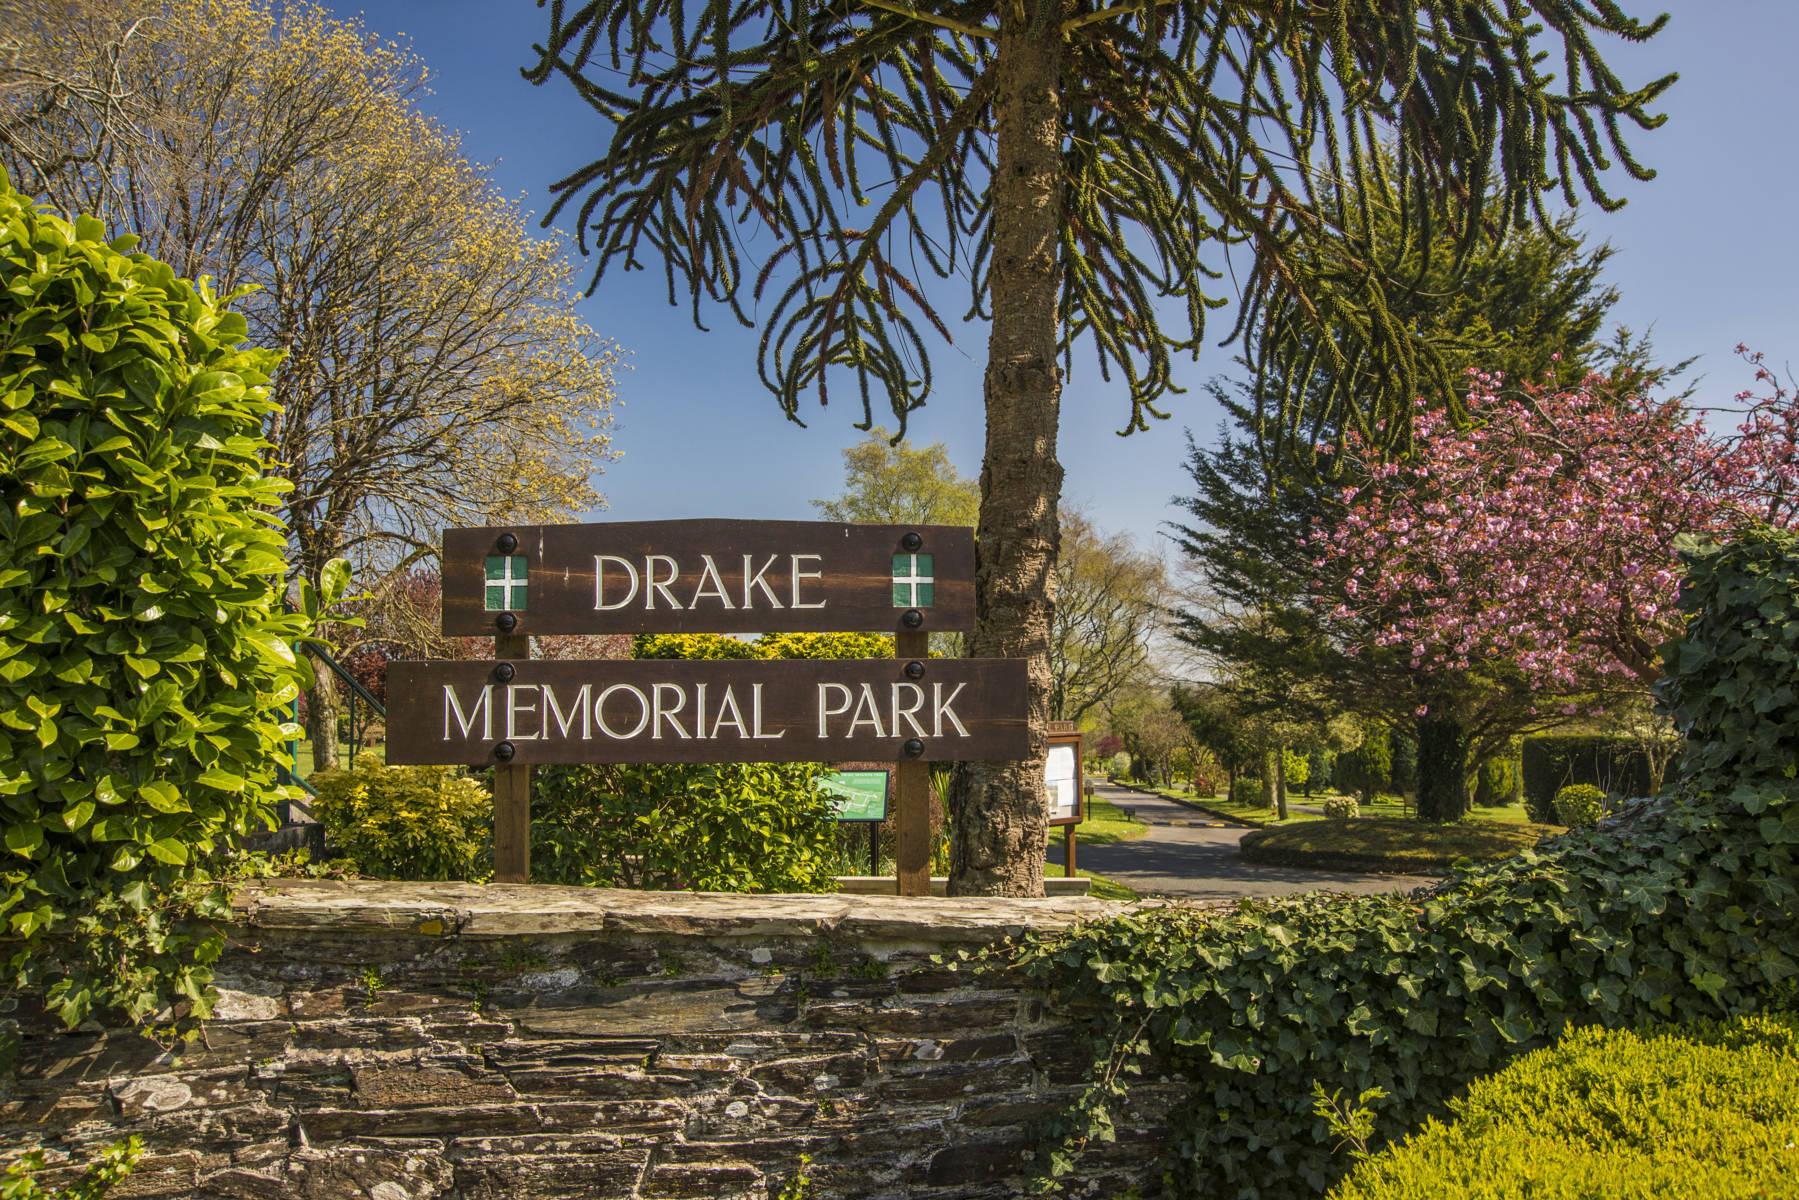 http://drakememorialpark.co.uk/upload/gallery_image/fe8504270319114640.JPG